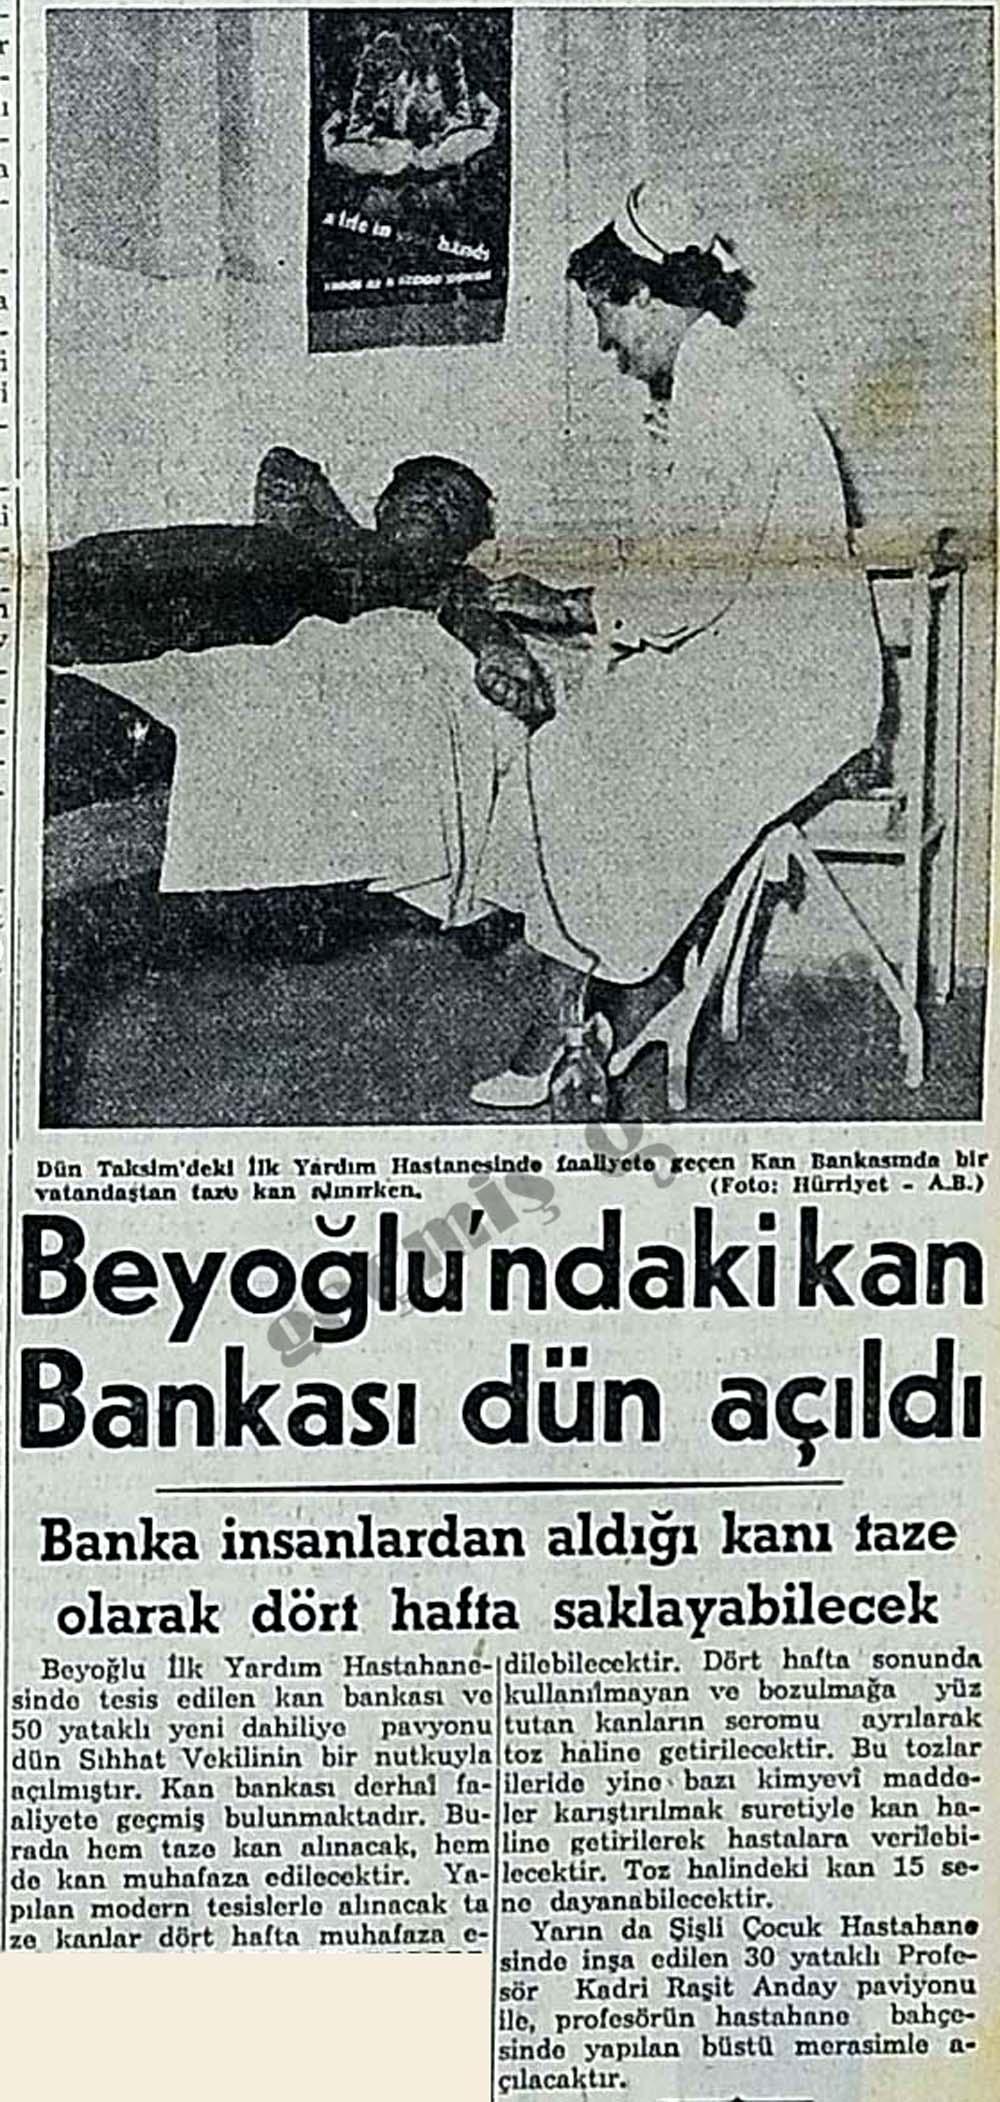 Beyoğlu'ndaki kan Bankası dün açıldı